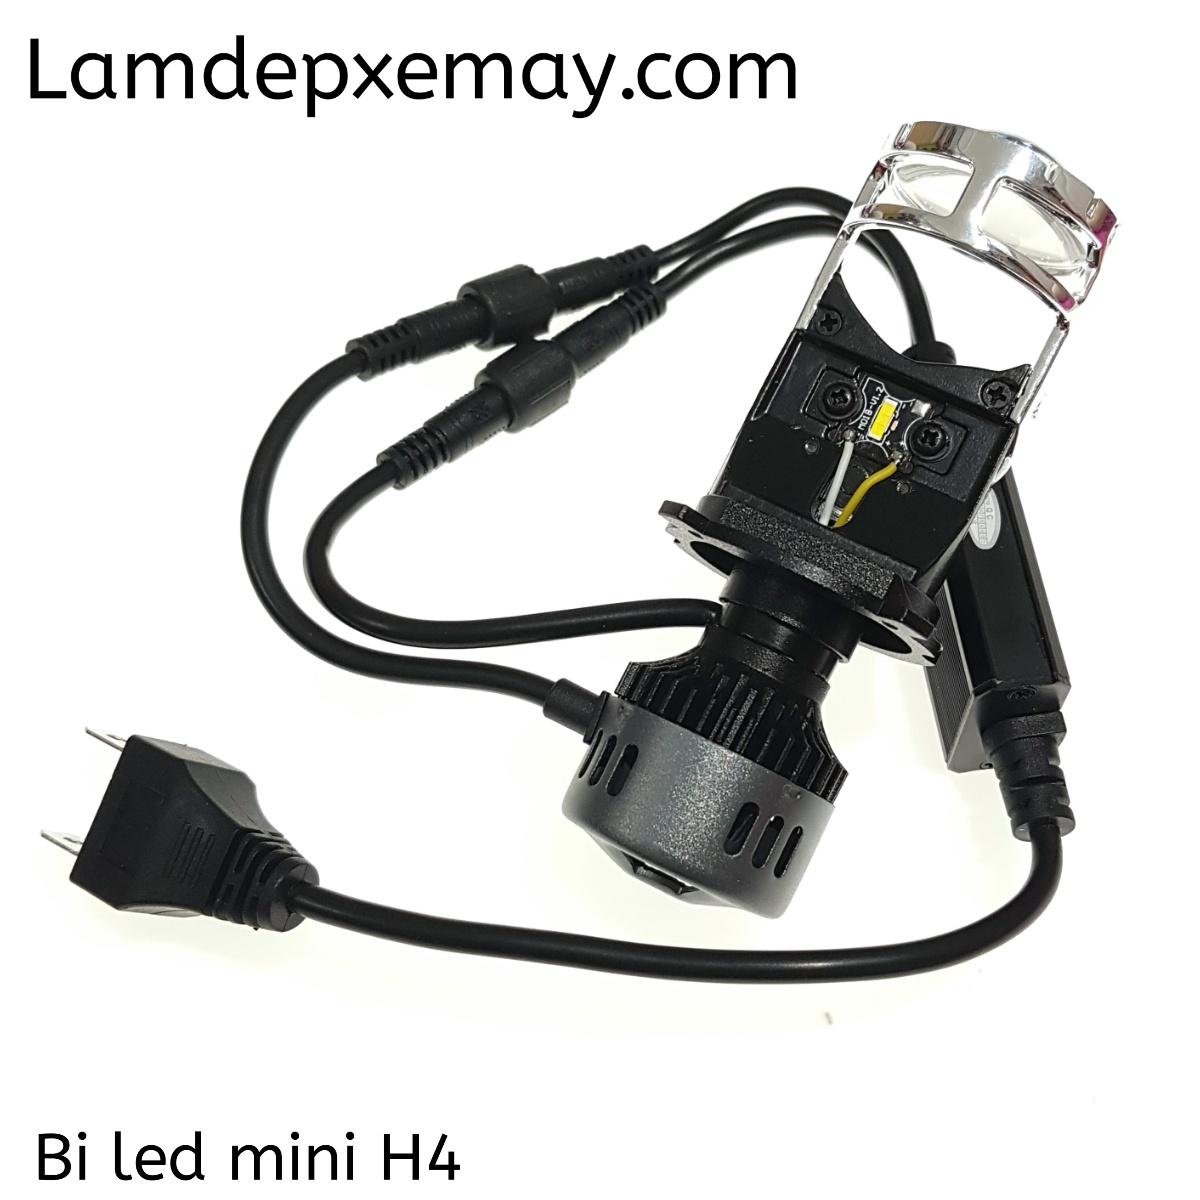 Bi led mini H4